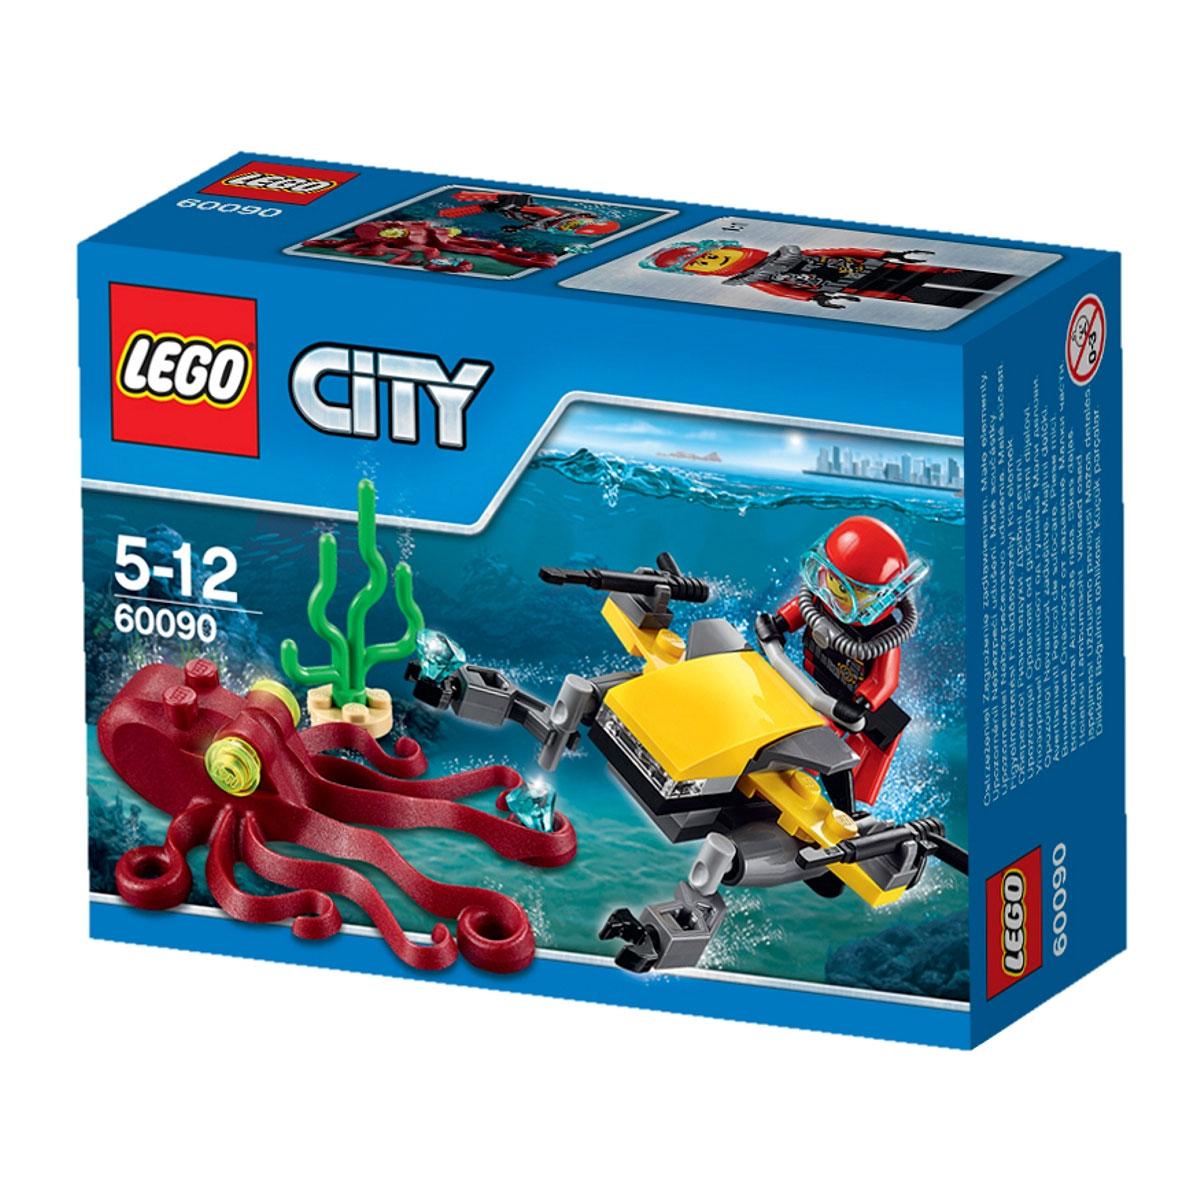 LEGO City Конструктор Глубоководный скутер 60090